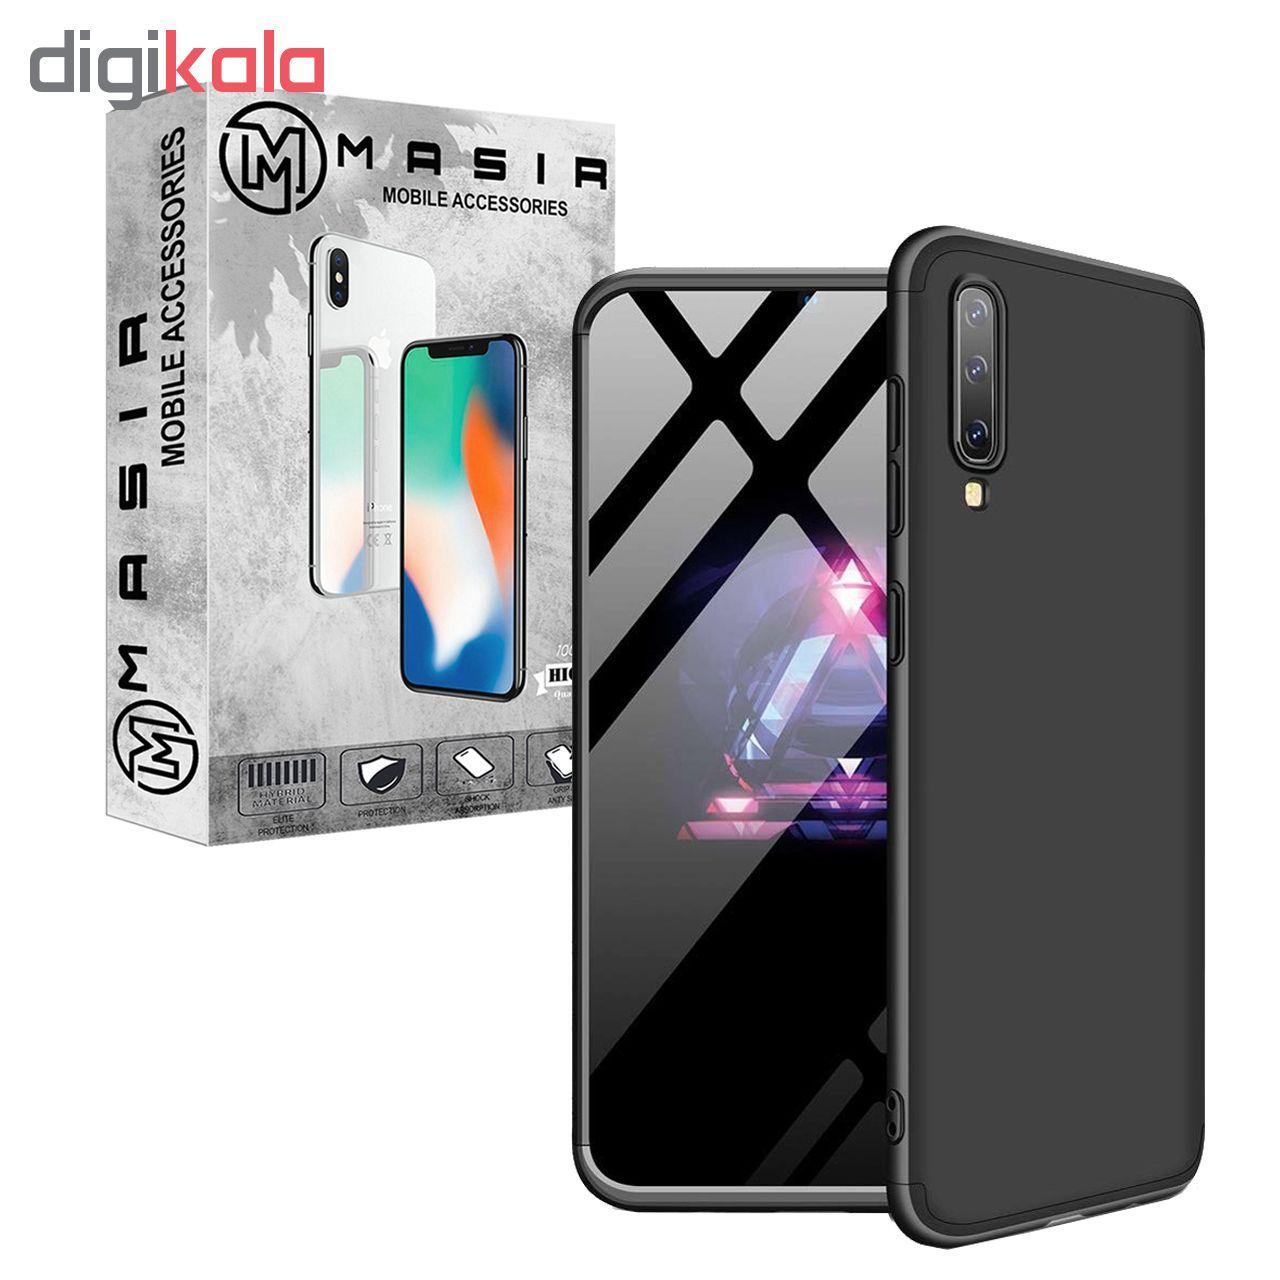 کاور 360 درجه مسیر مدل MGKS6-MGF-1 مناسب برای گوشی موبایل سامسونگ Galaxy A50 به همراه محافظ صفحه نمایش main 1 3